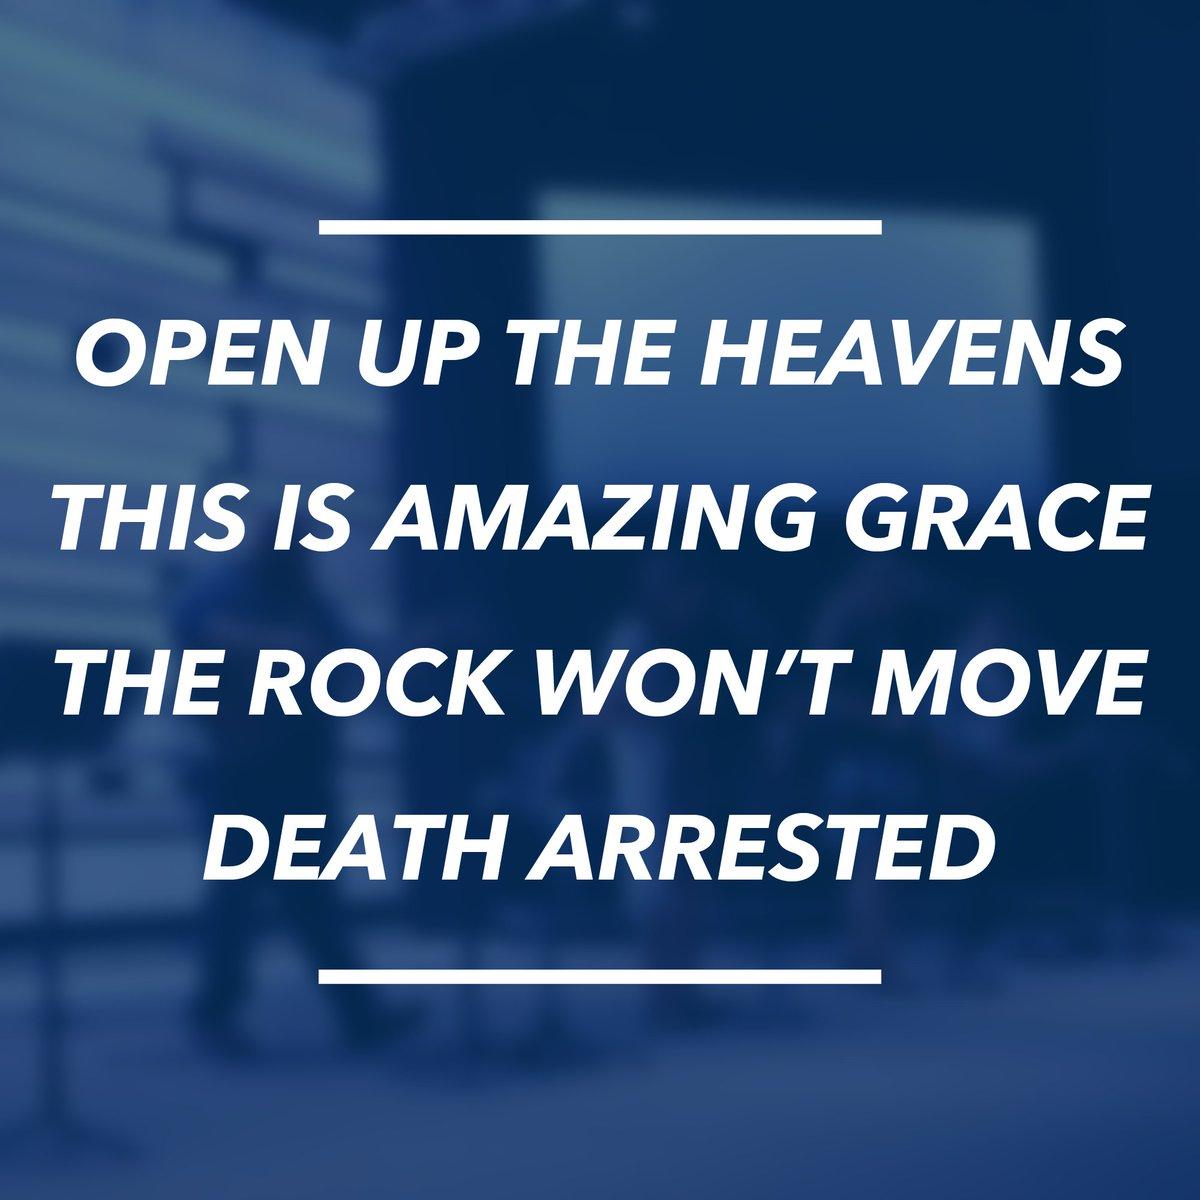 Door Creek Church on Twitter: